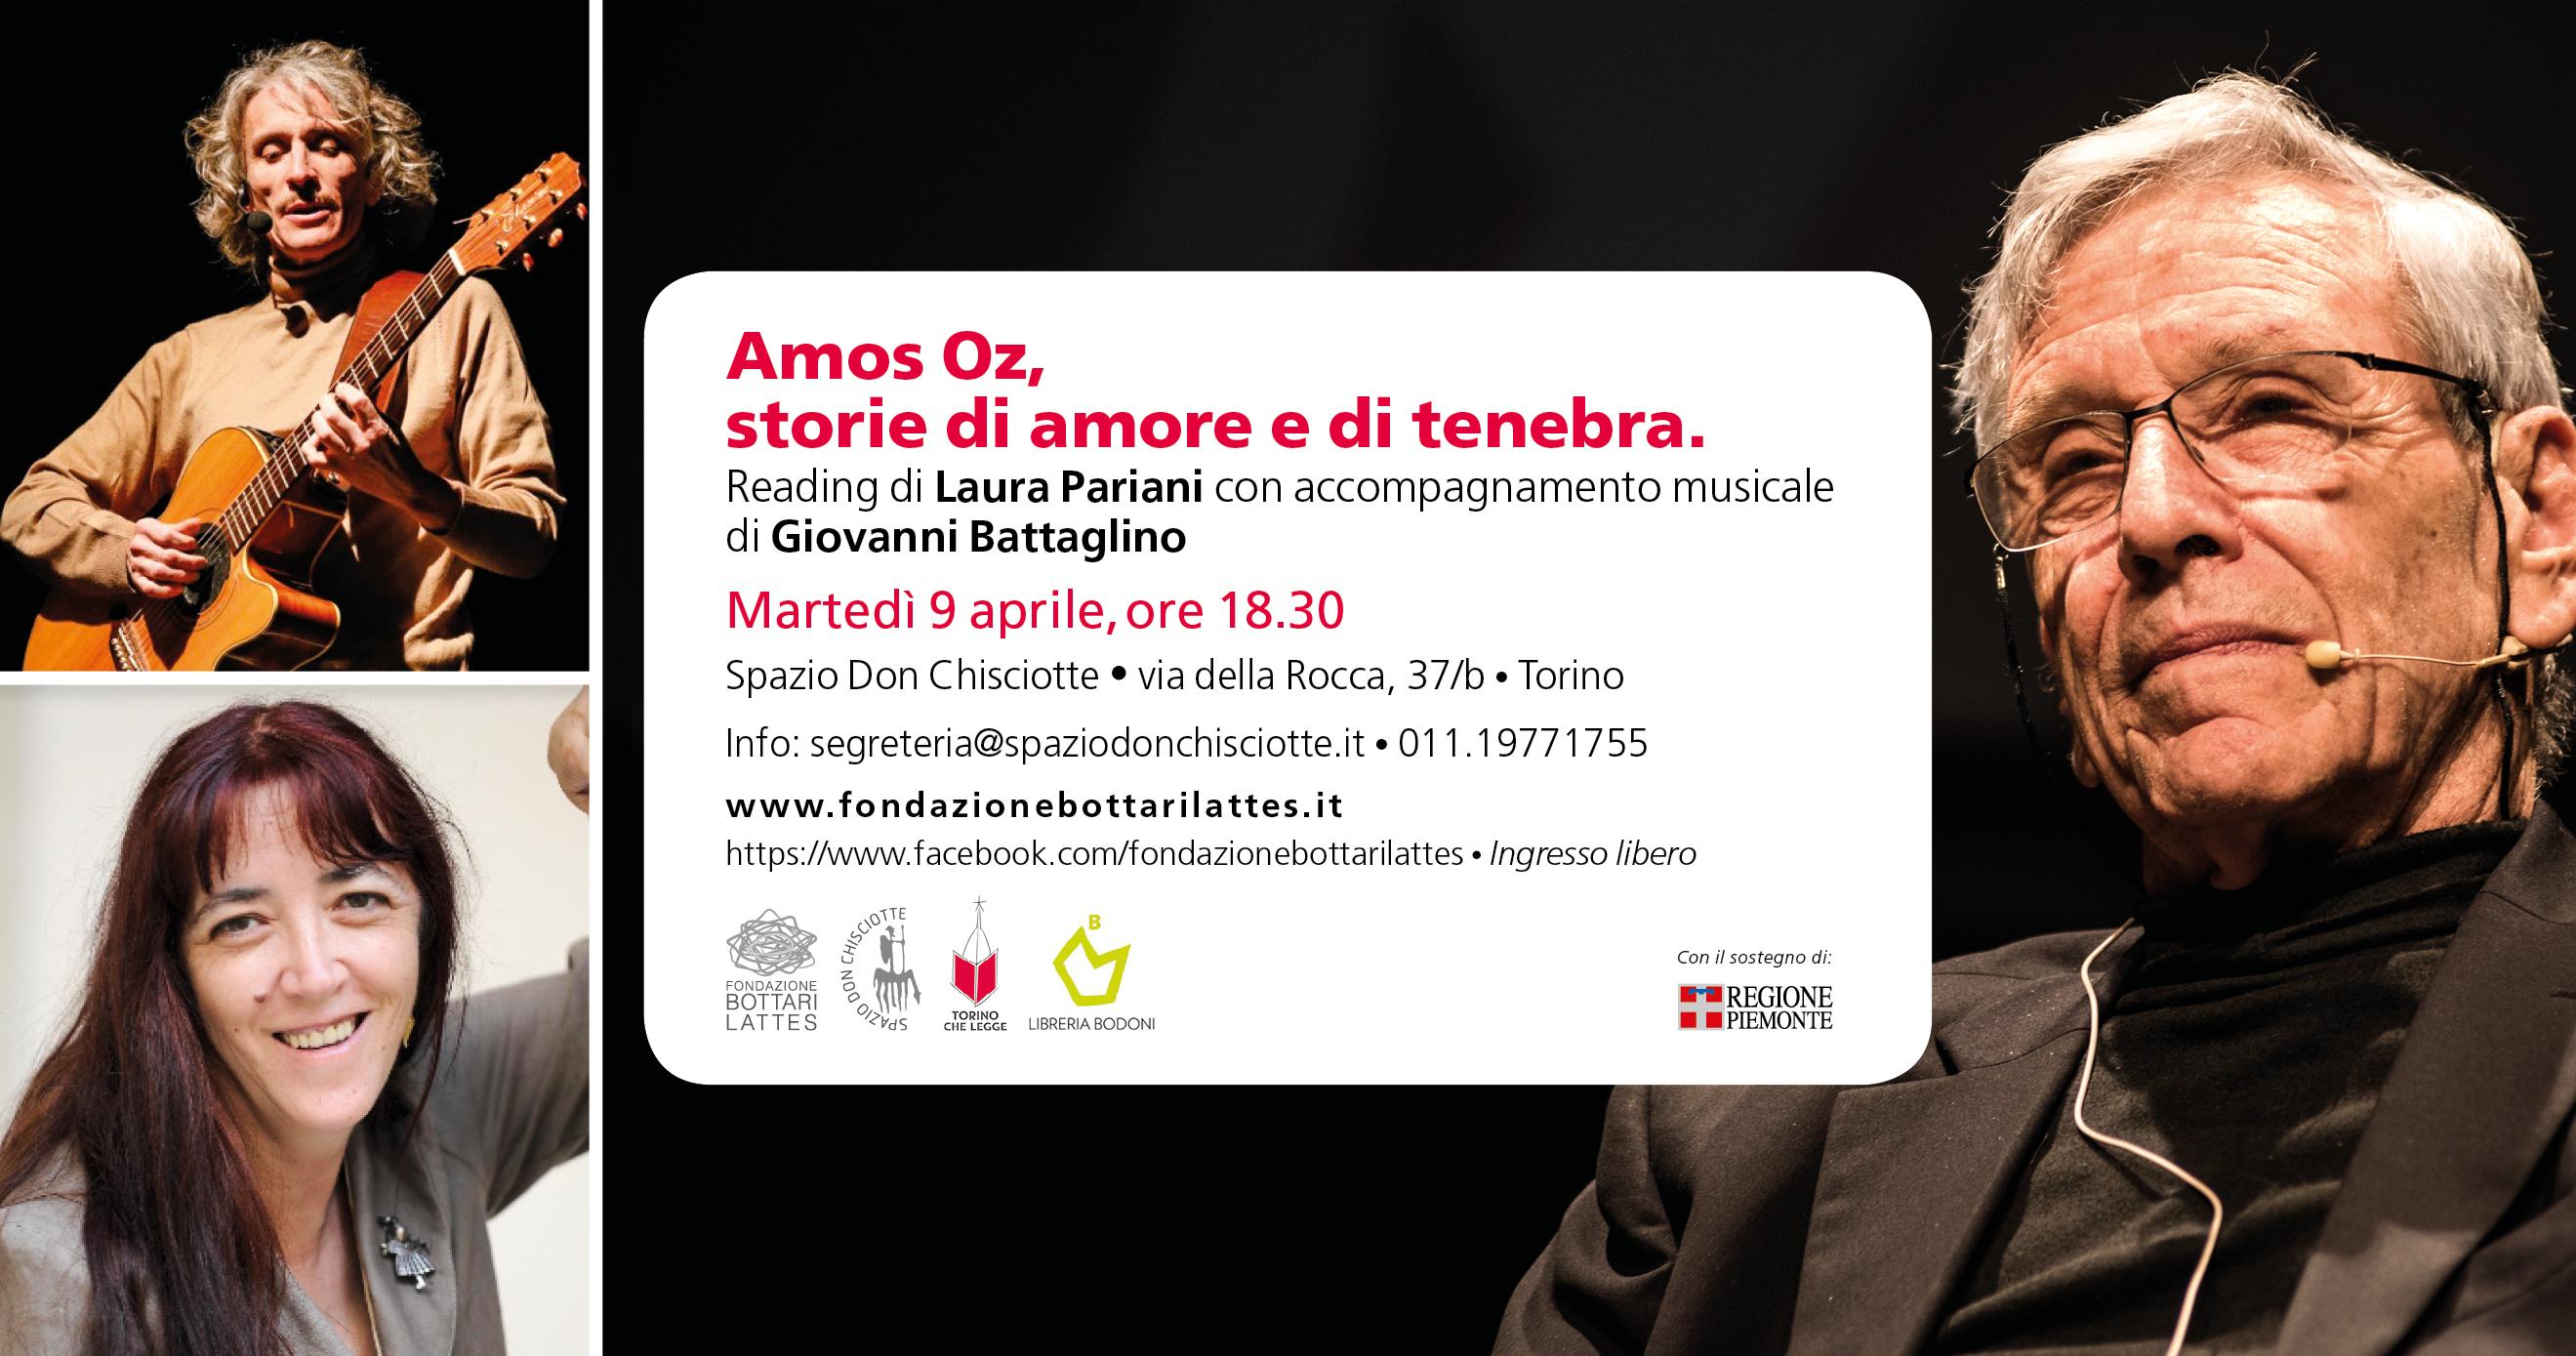 """""""Amos Oz, storie di amore e di tenebra"""", reading di Laura Pariani"""